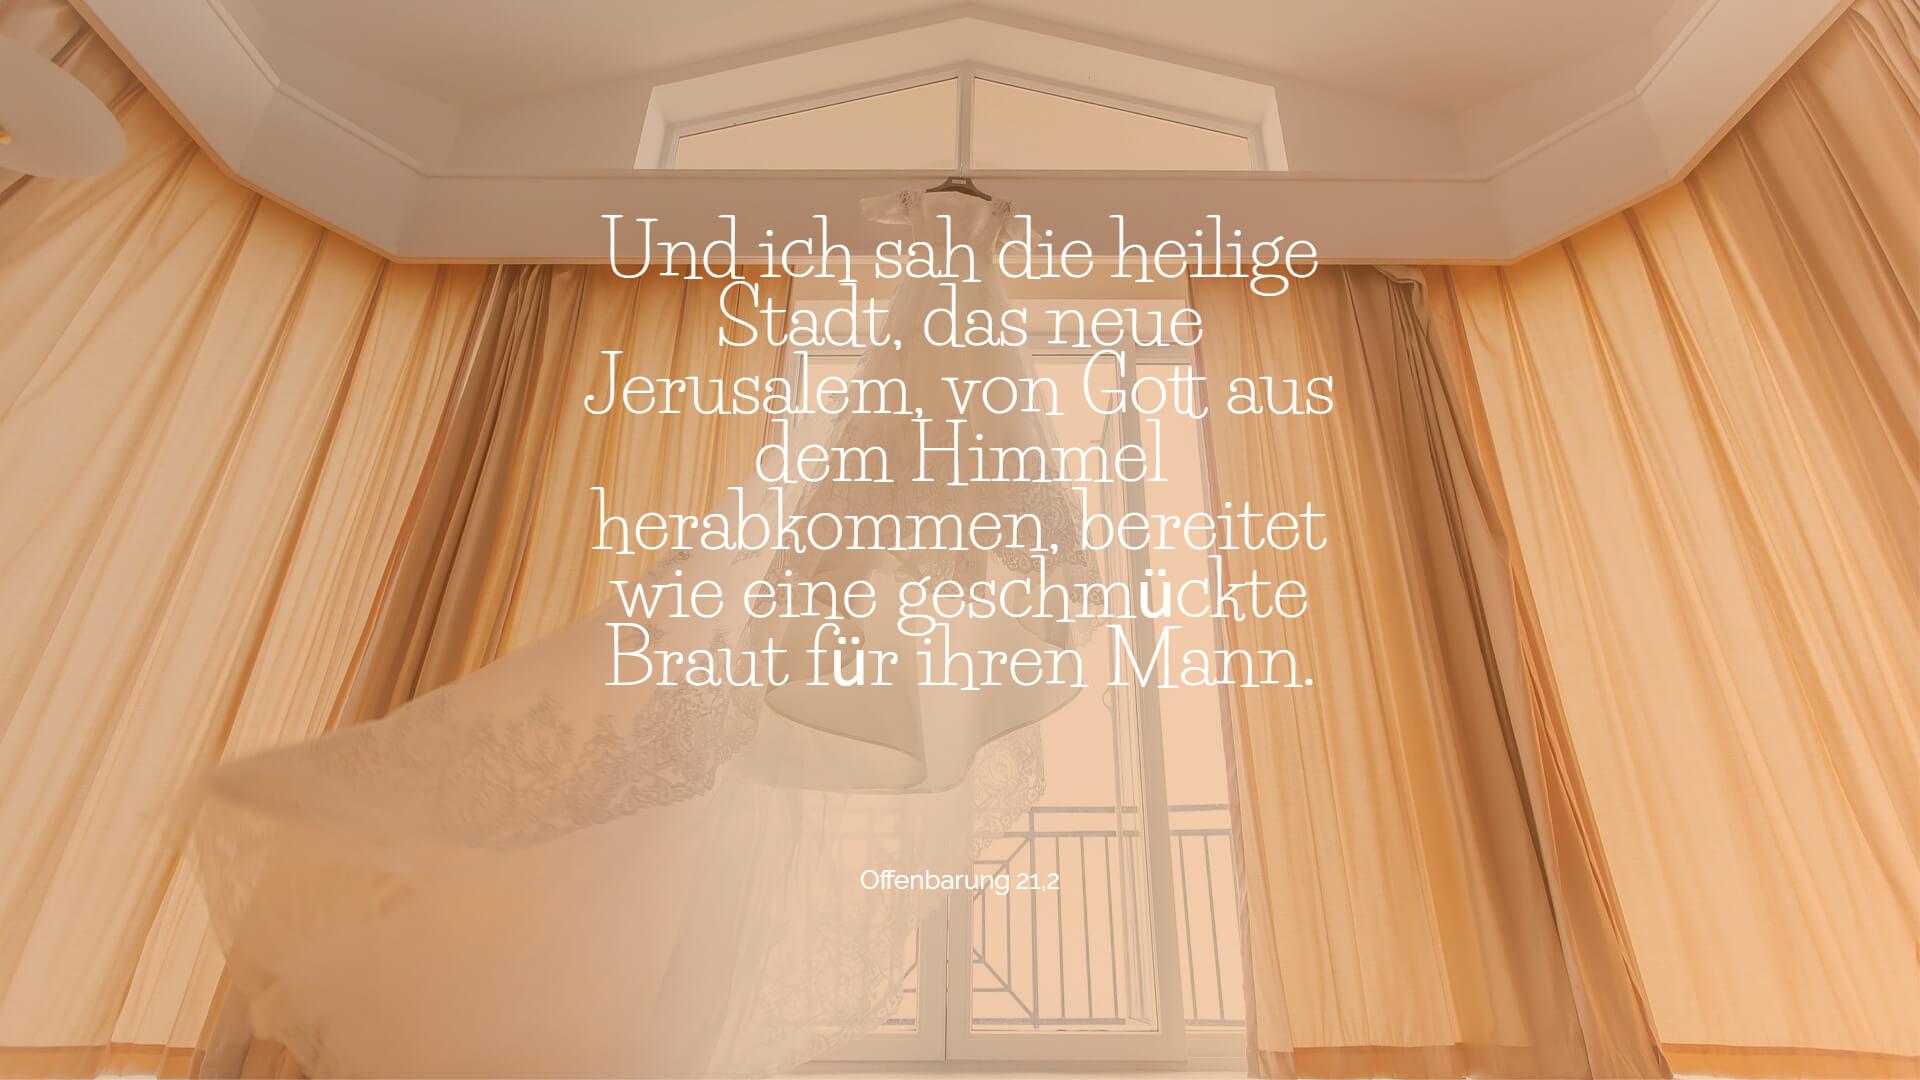 Und ich sah die heilige Stadt, das neue Jerusalem, von Gott aus dem Himmel herabkommen, bereitet wie eine geschmückte Braut für ihren Mann. - Offenbarung 21,2